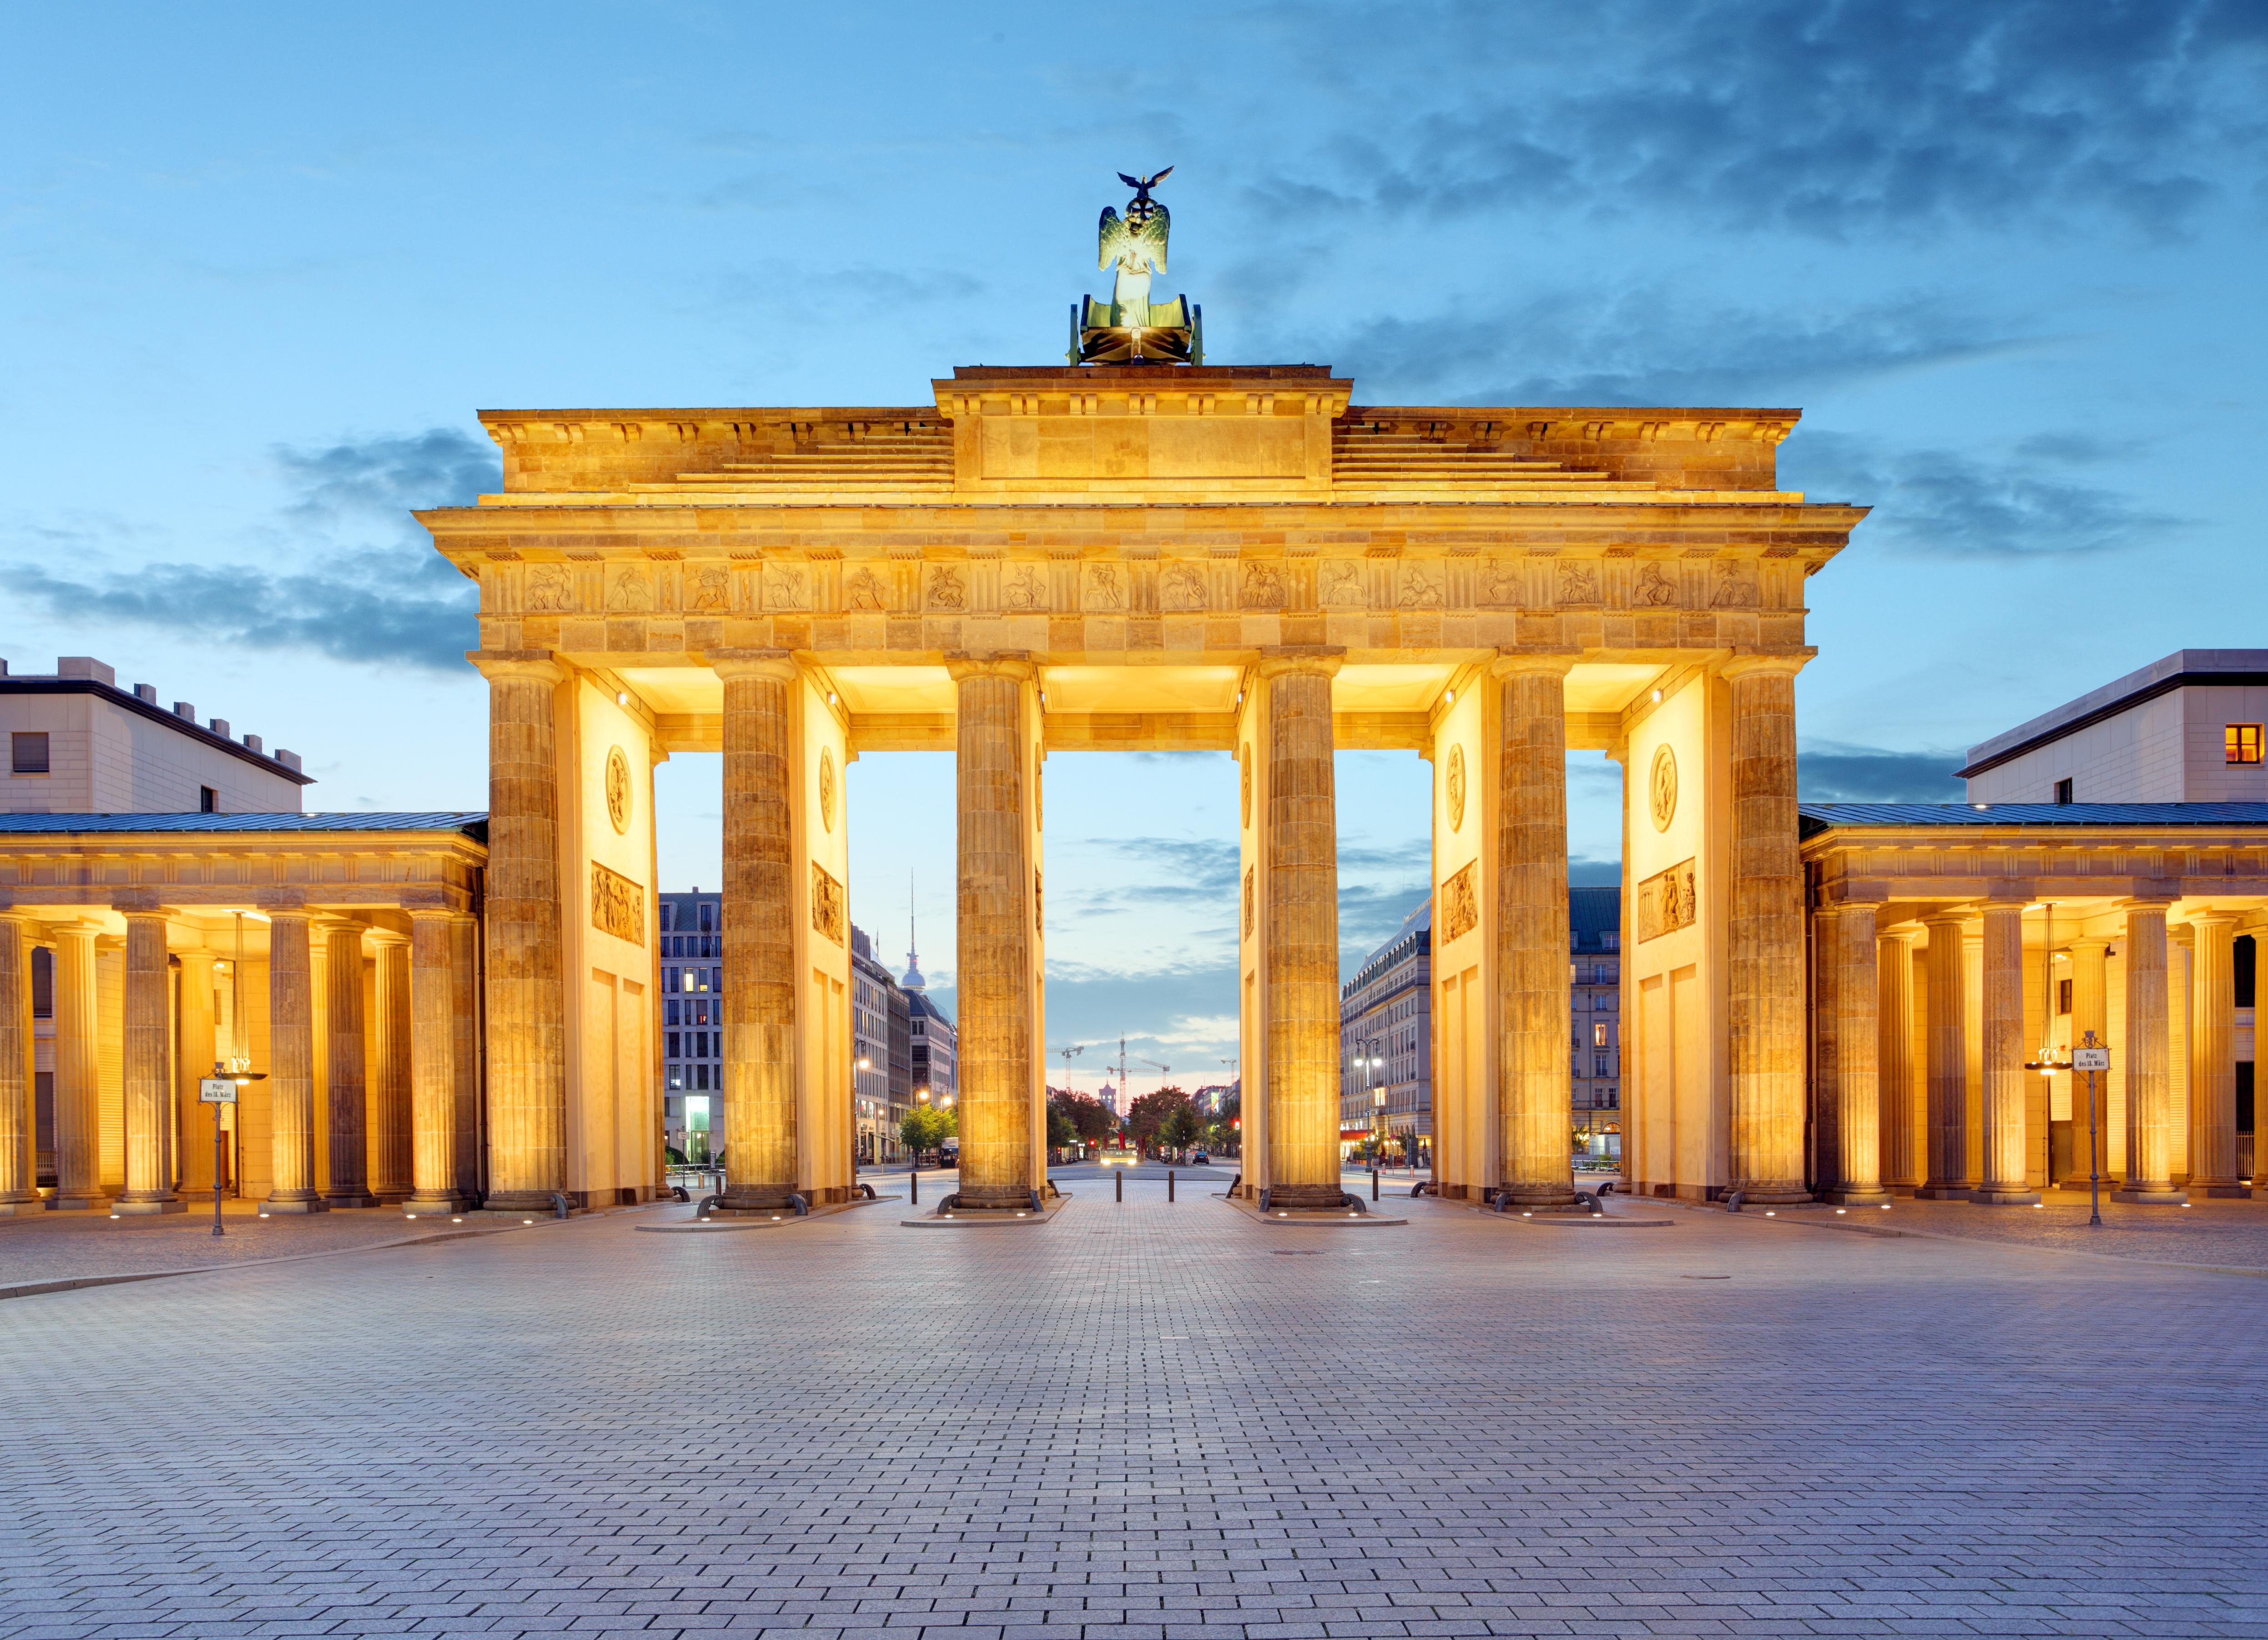 Brandenburg Gate Wallpaper 6   4984 X 3605 stmednet 4984x3605